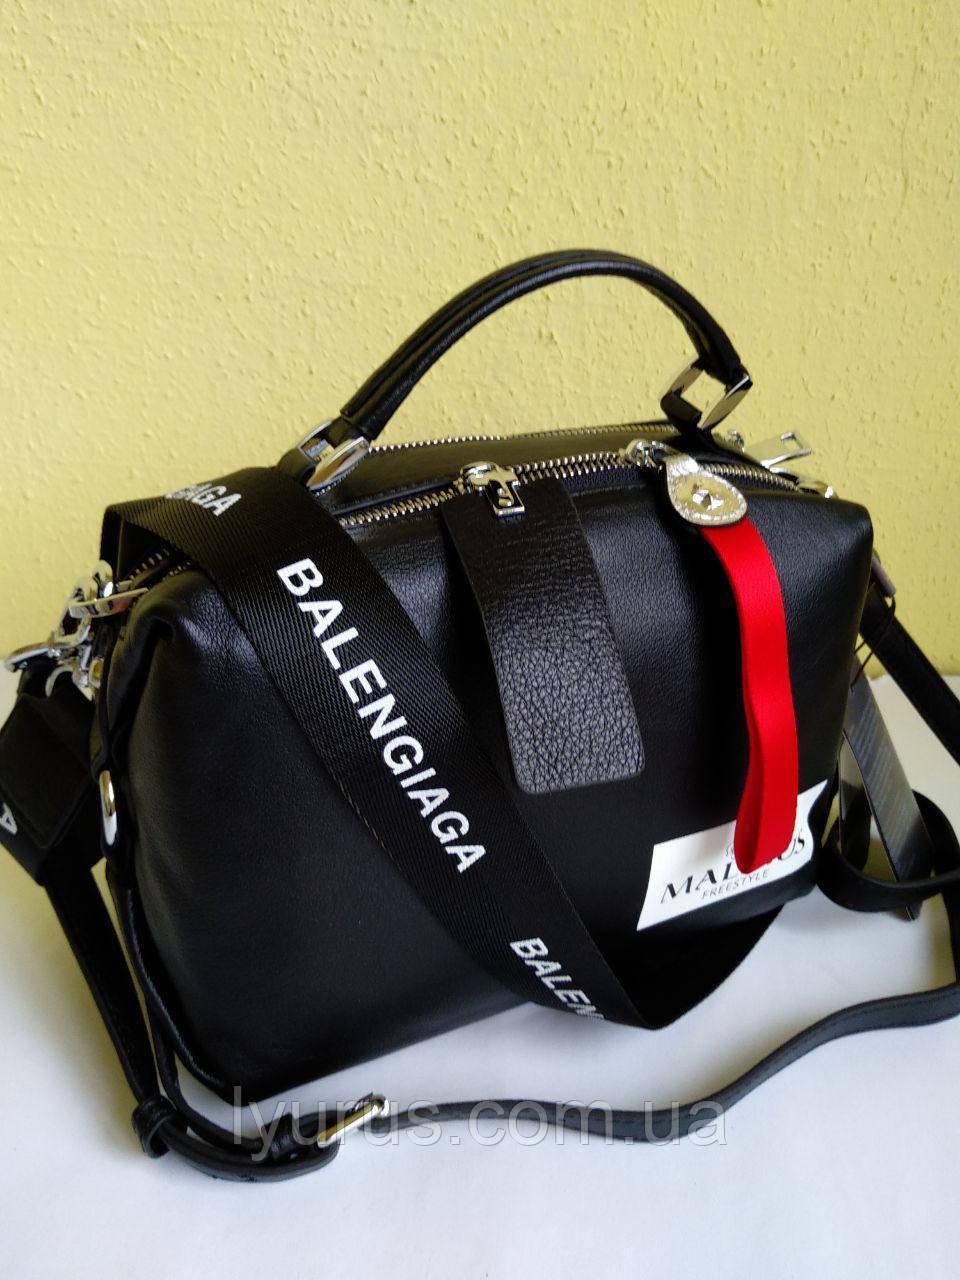 Женская кожаная сумка Balenciaga